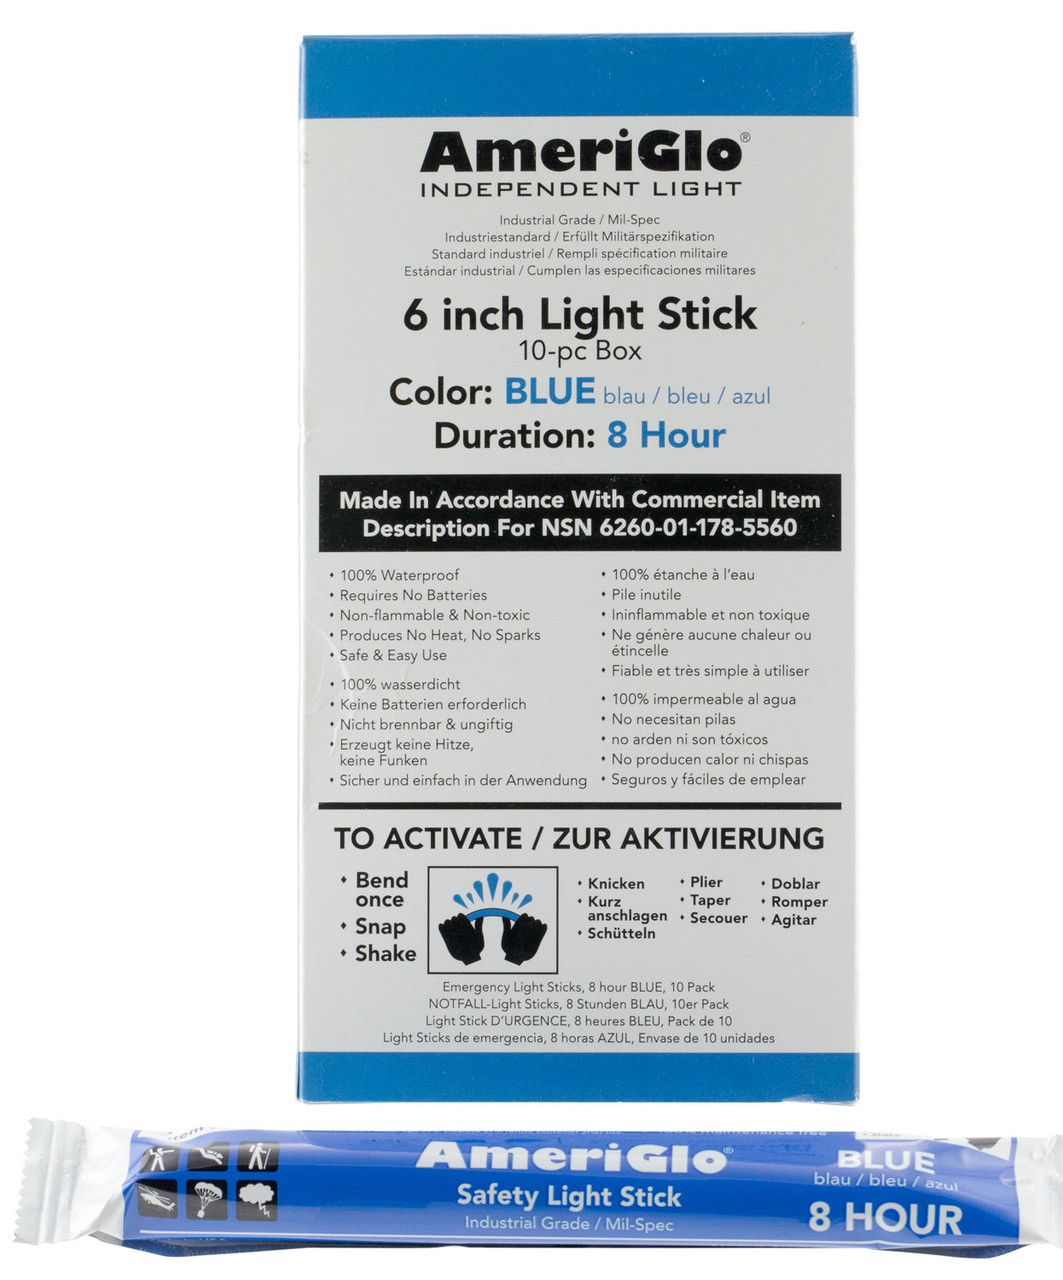 AmeriGlo light stick, 8 hour blue